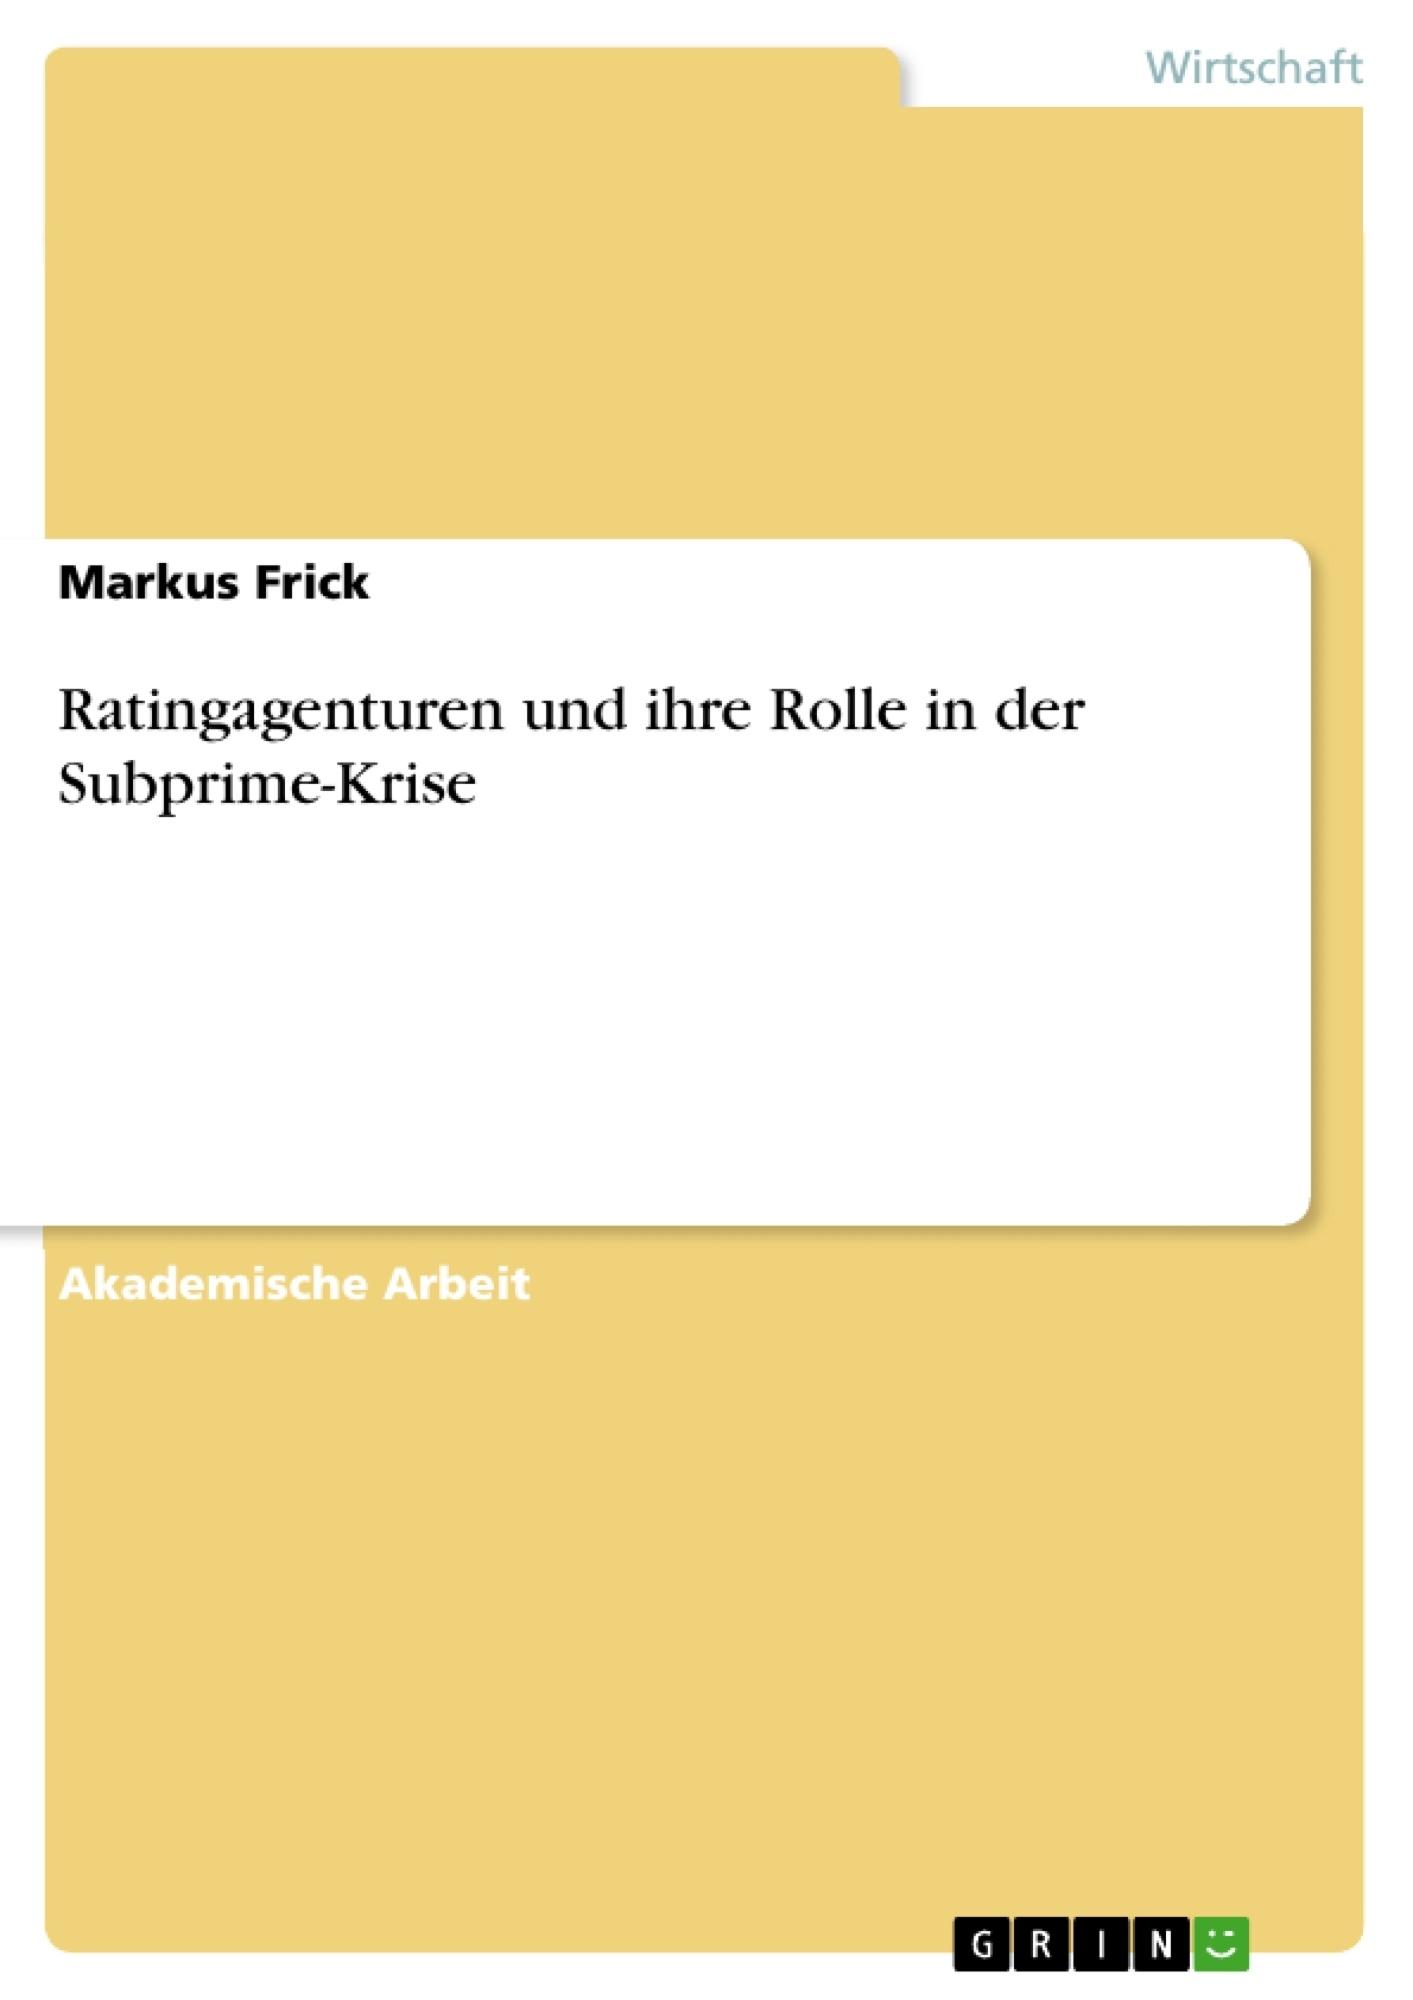 Titel: Ratingagenturen und ihre Rolle in der Subprime-Krise